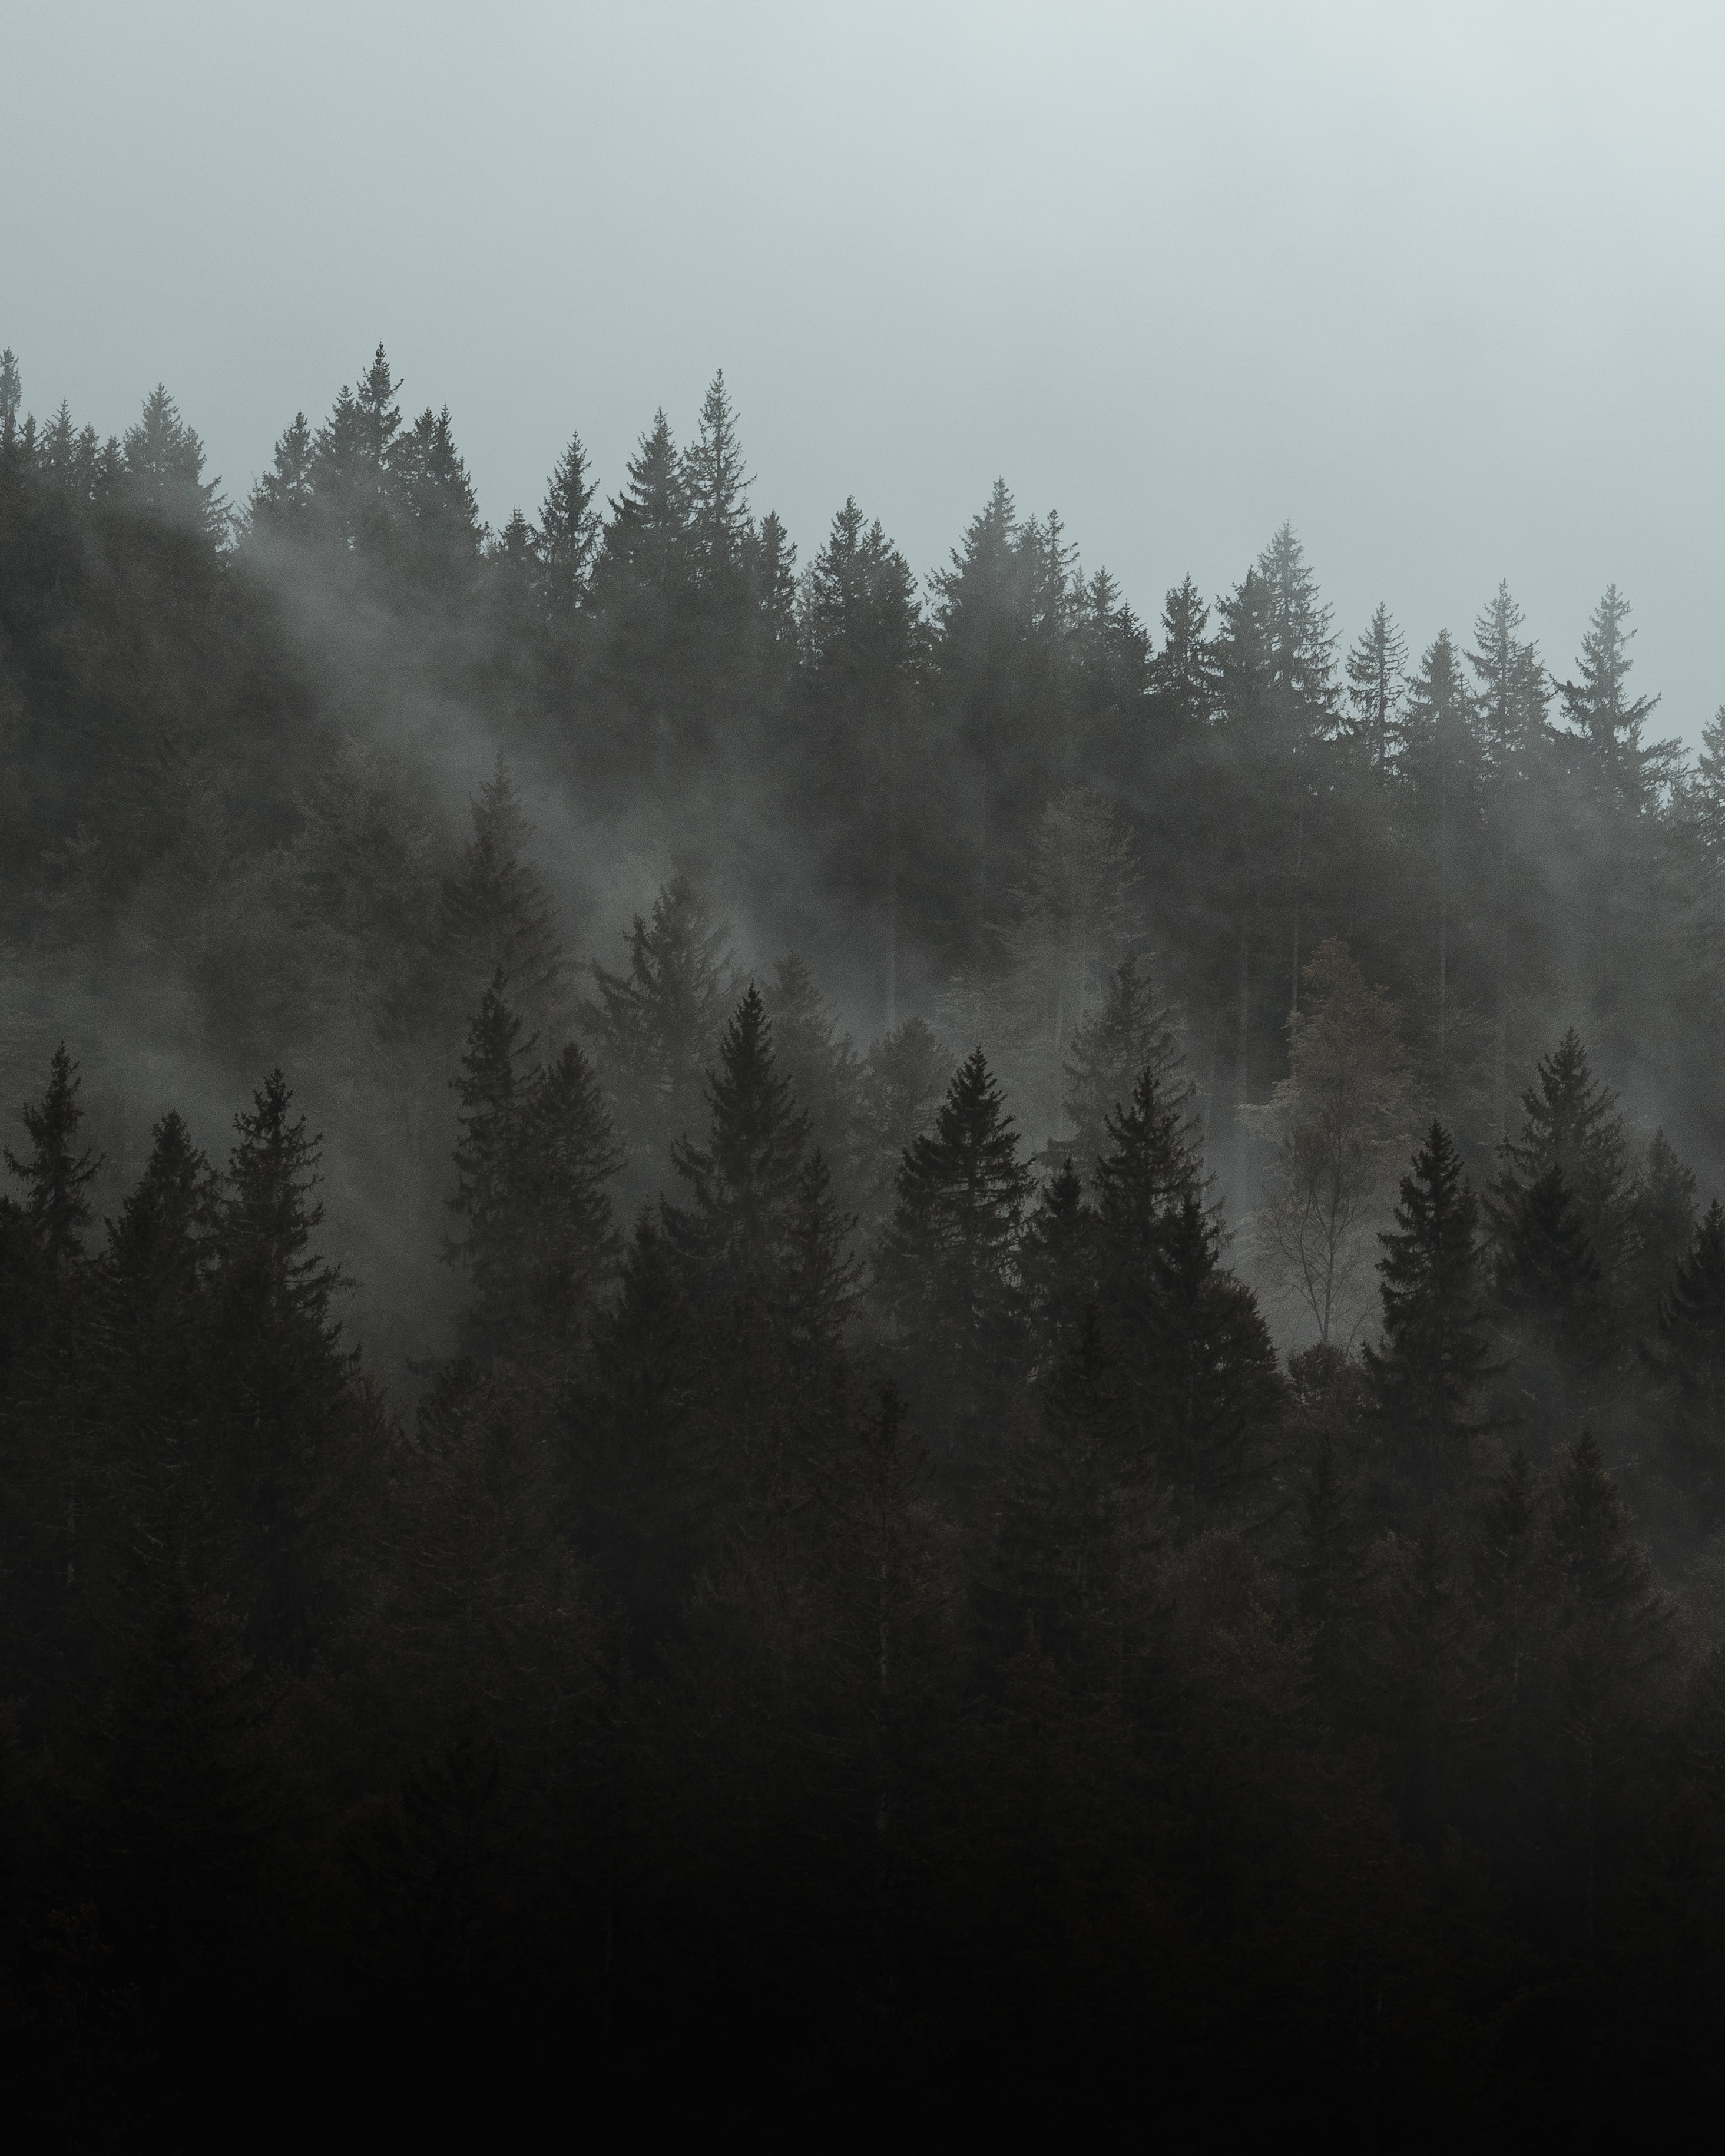 129561 免費下載壁紙 性质, 森林, 多雾路段, 雾, 树, 云, 云端, 松 屏保和圖片